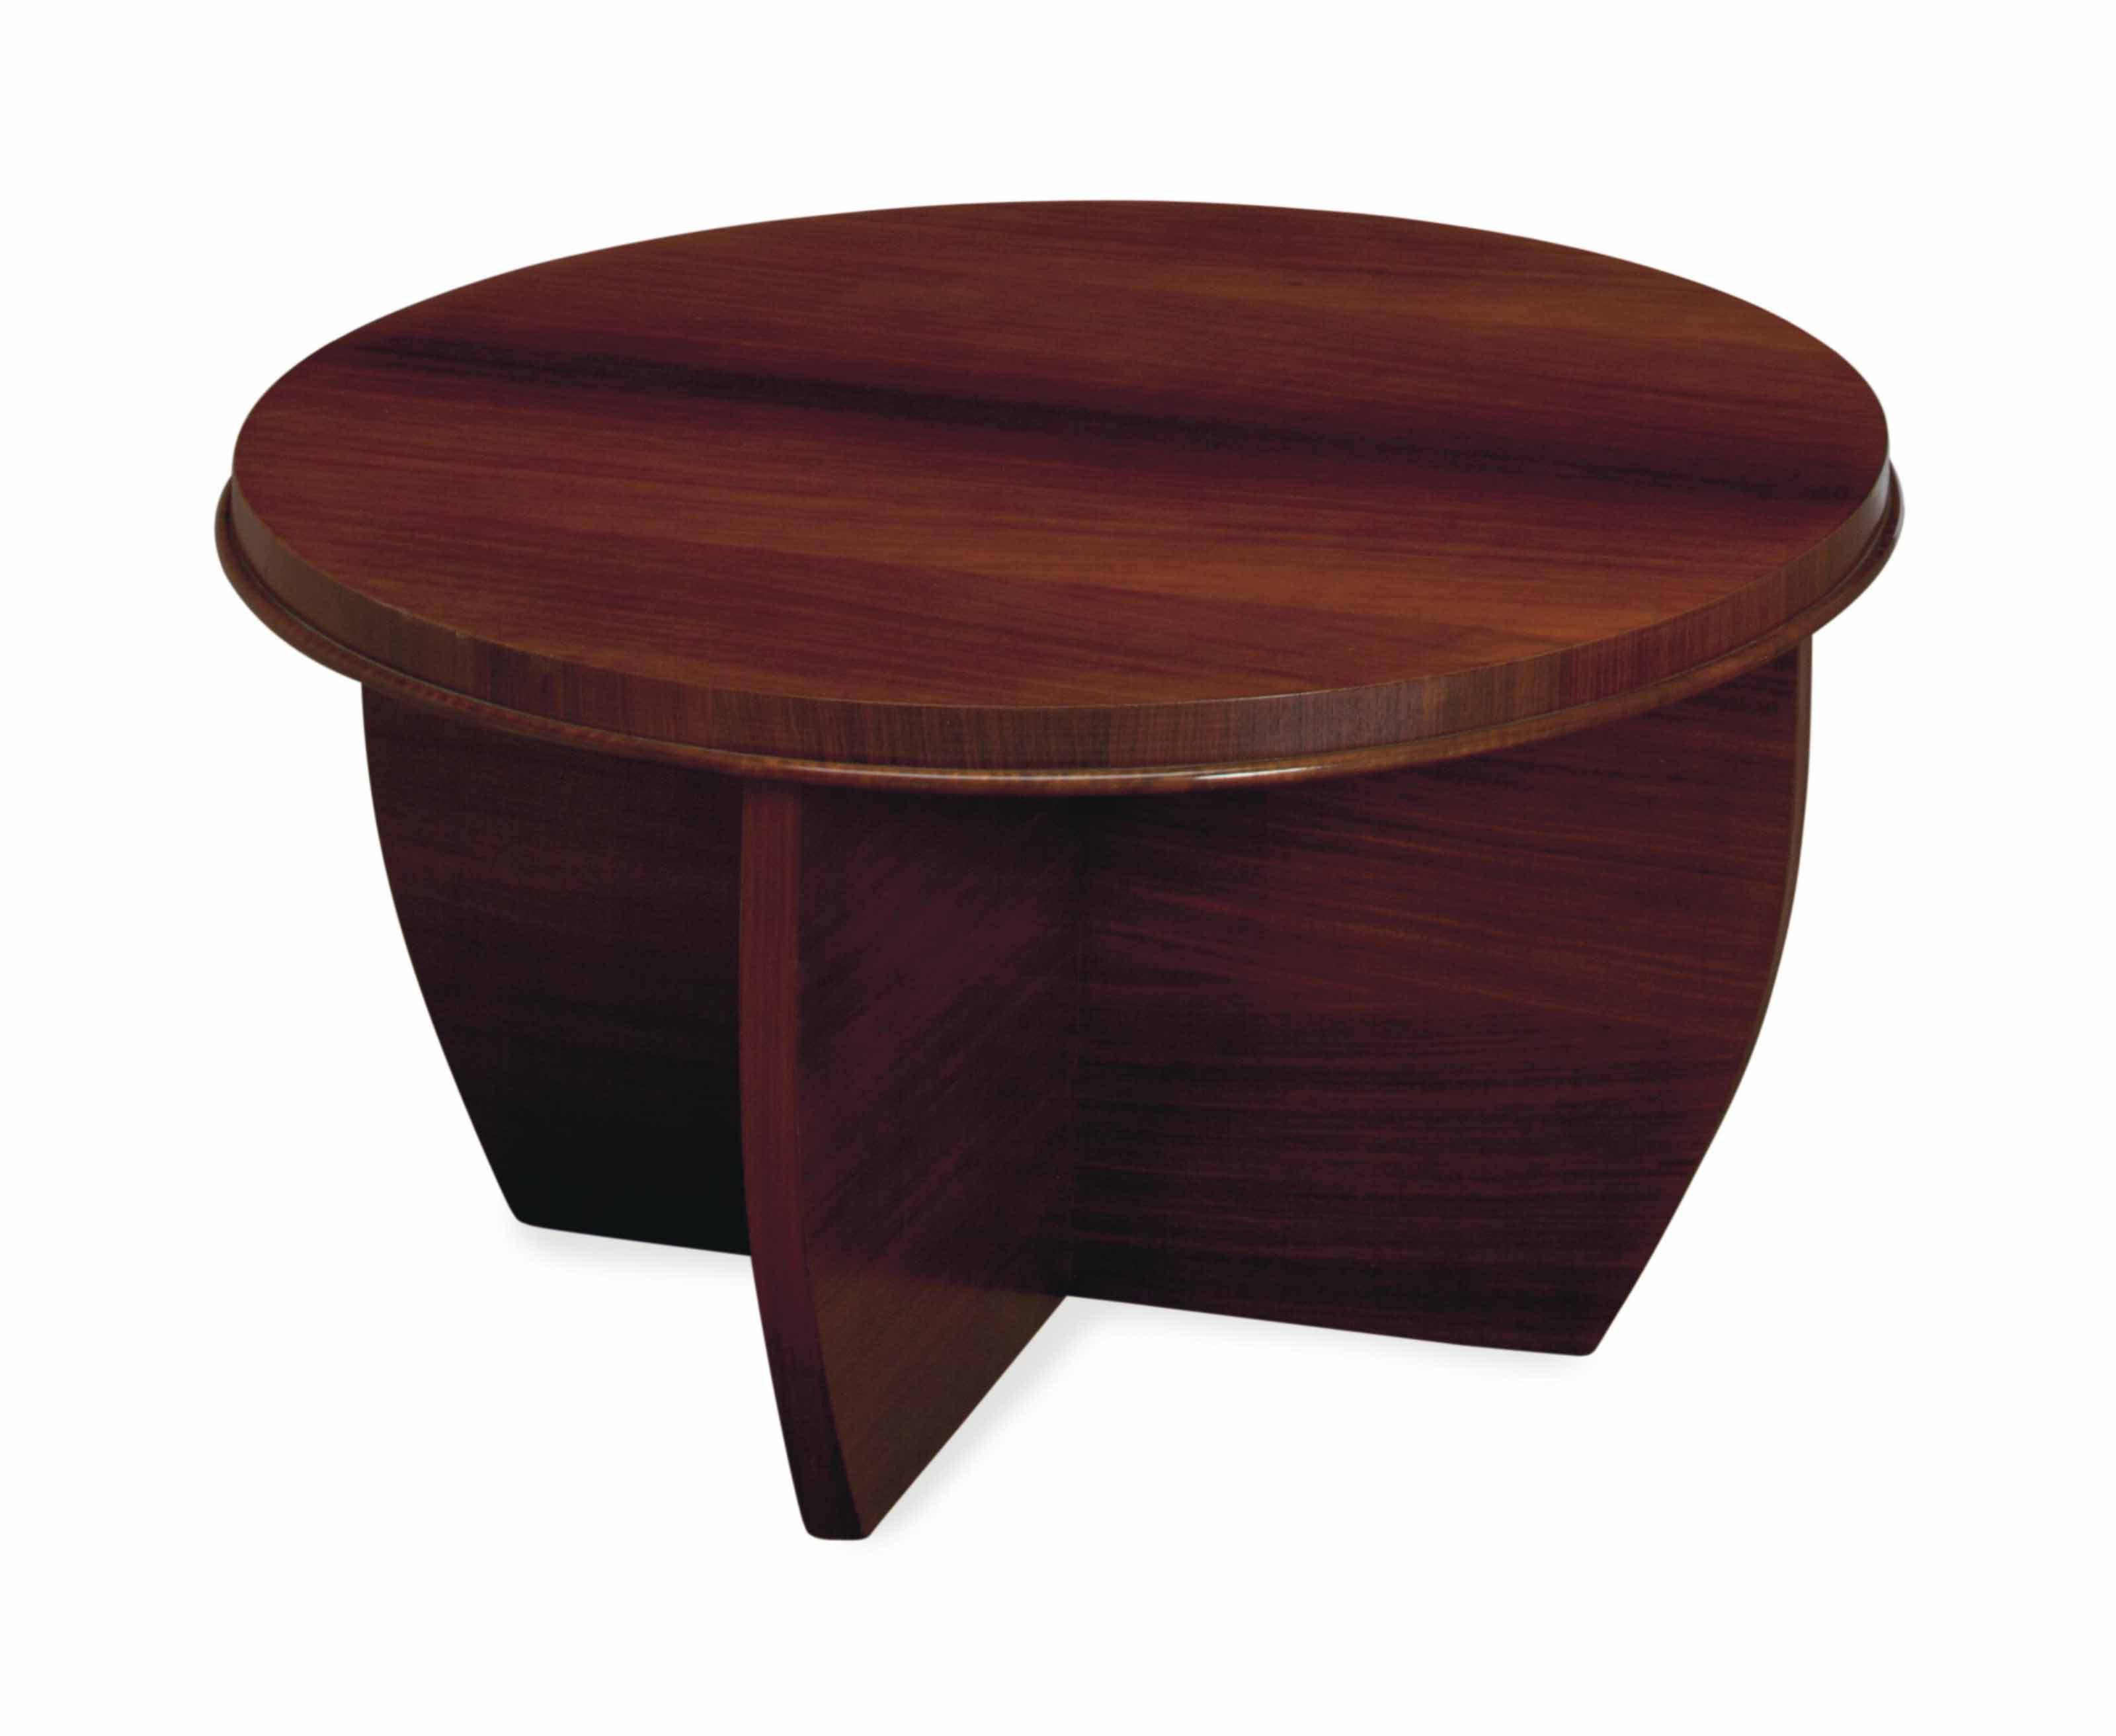 A FRENCH MAHOGANY CIRCULAR LOW TABLE,